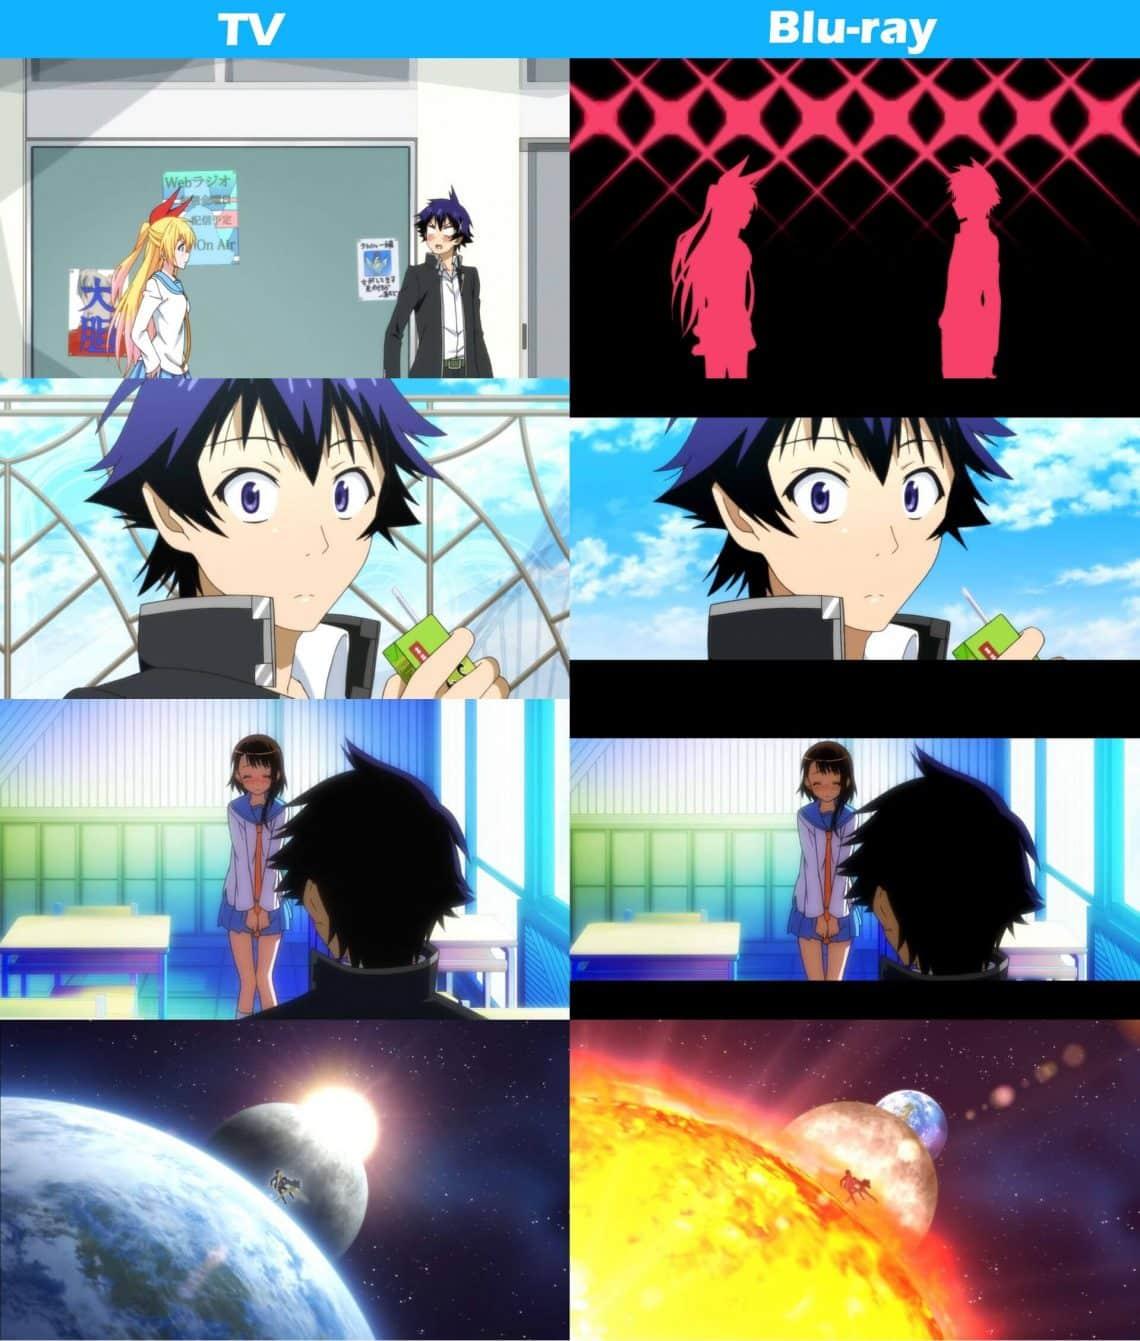 Sự khác biệt giữa anime TV và anime bluray chính là chiến lược kinh doanh